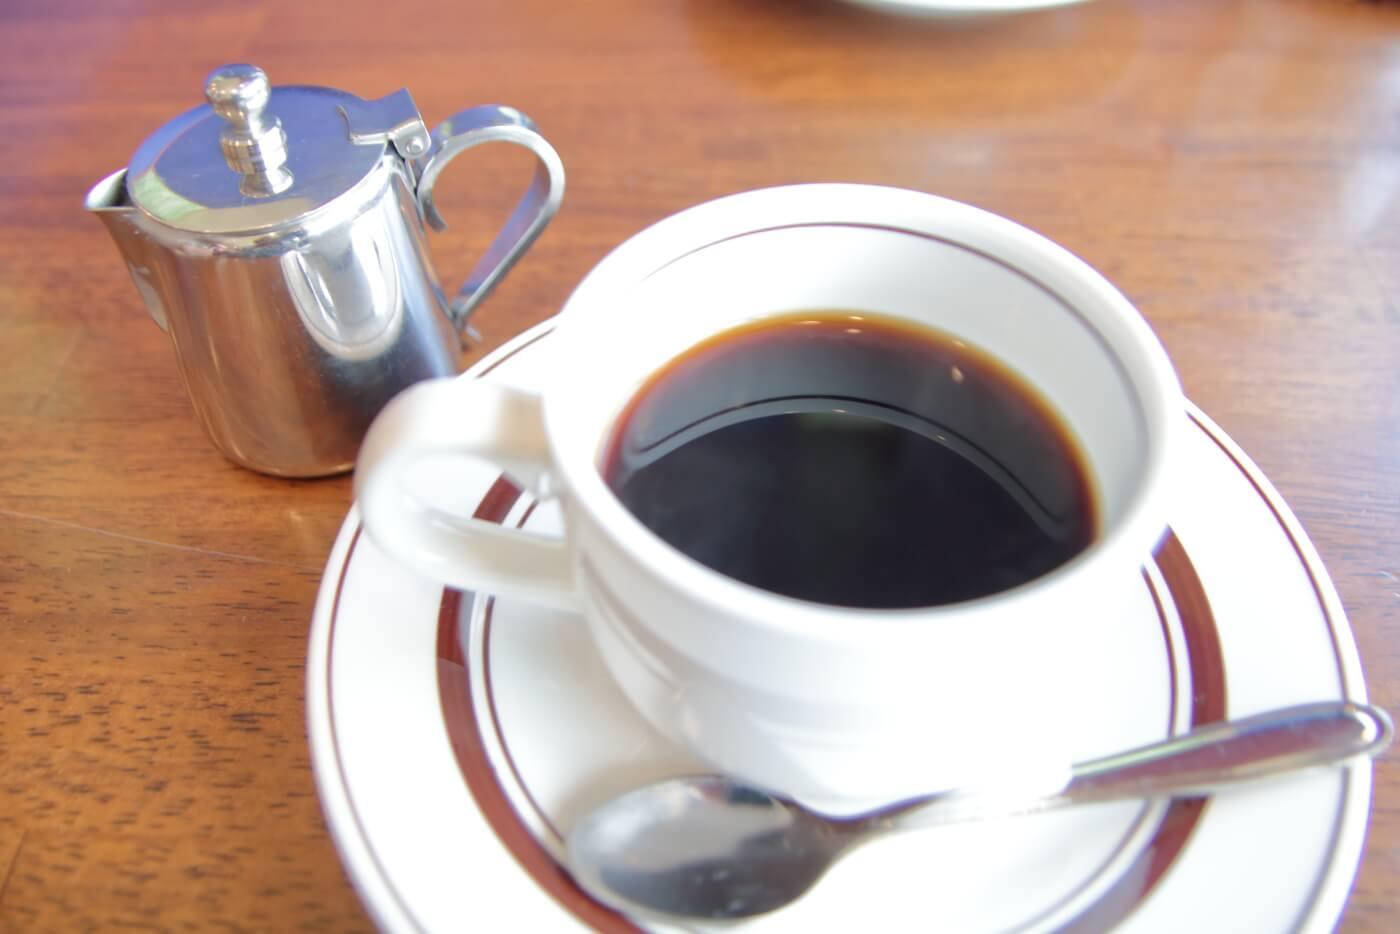 高知市のカフェ蒼乃屋のランチ 食後のコーヒー